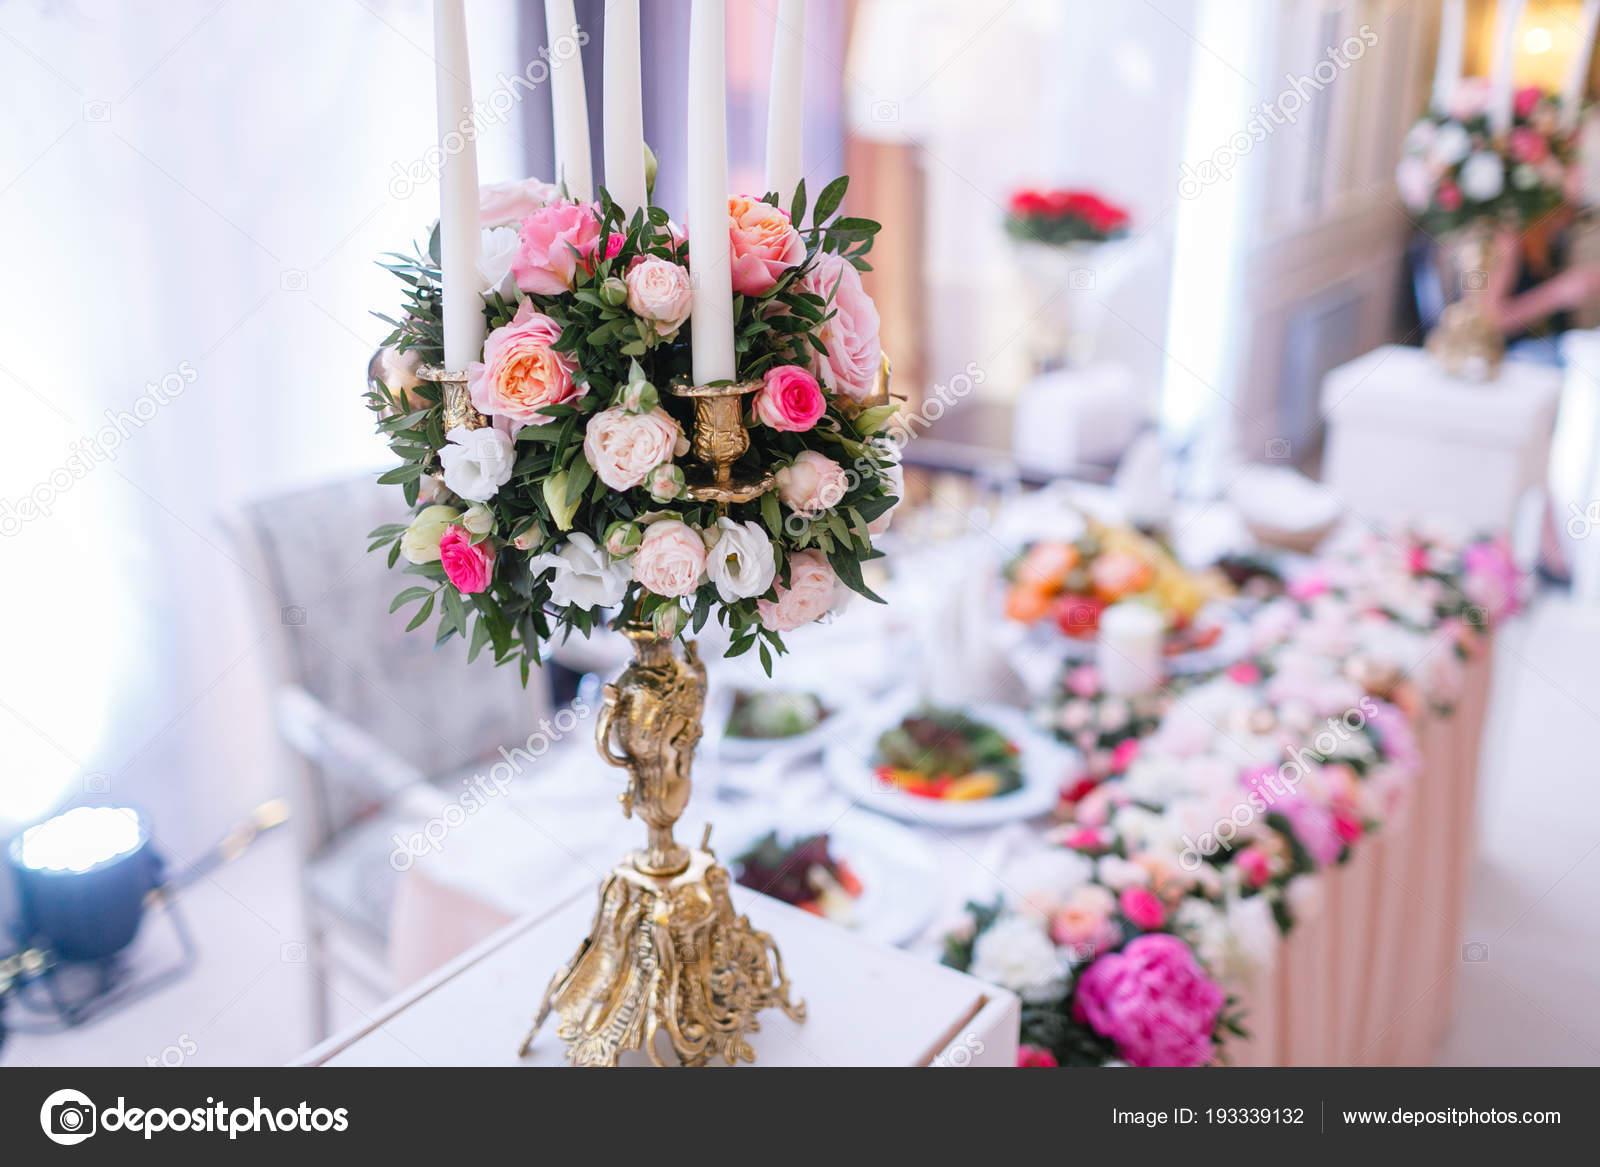 Kronleuchter Metall Für Kerzen ~ Weiße kerzen auf metall gold kronleuchter stand auf den tischen